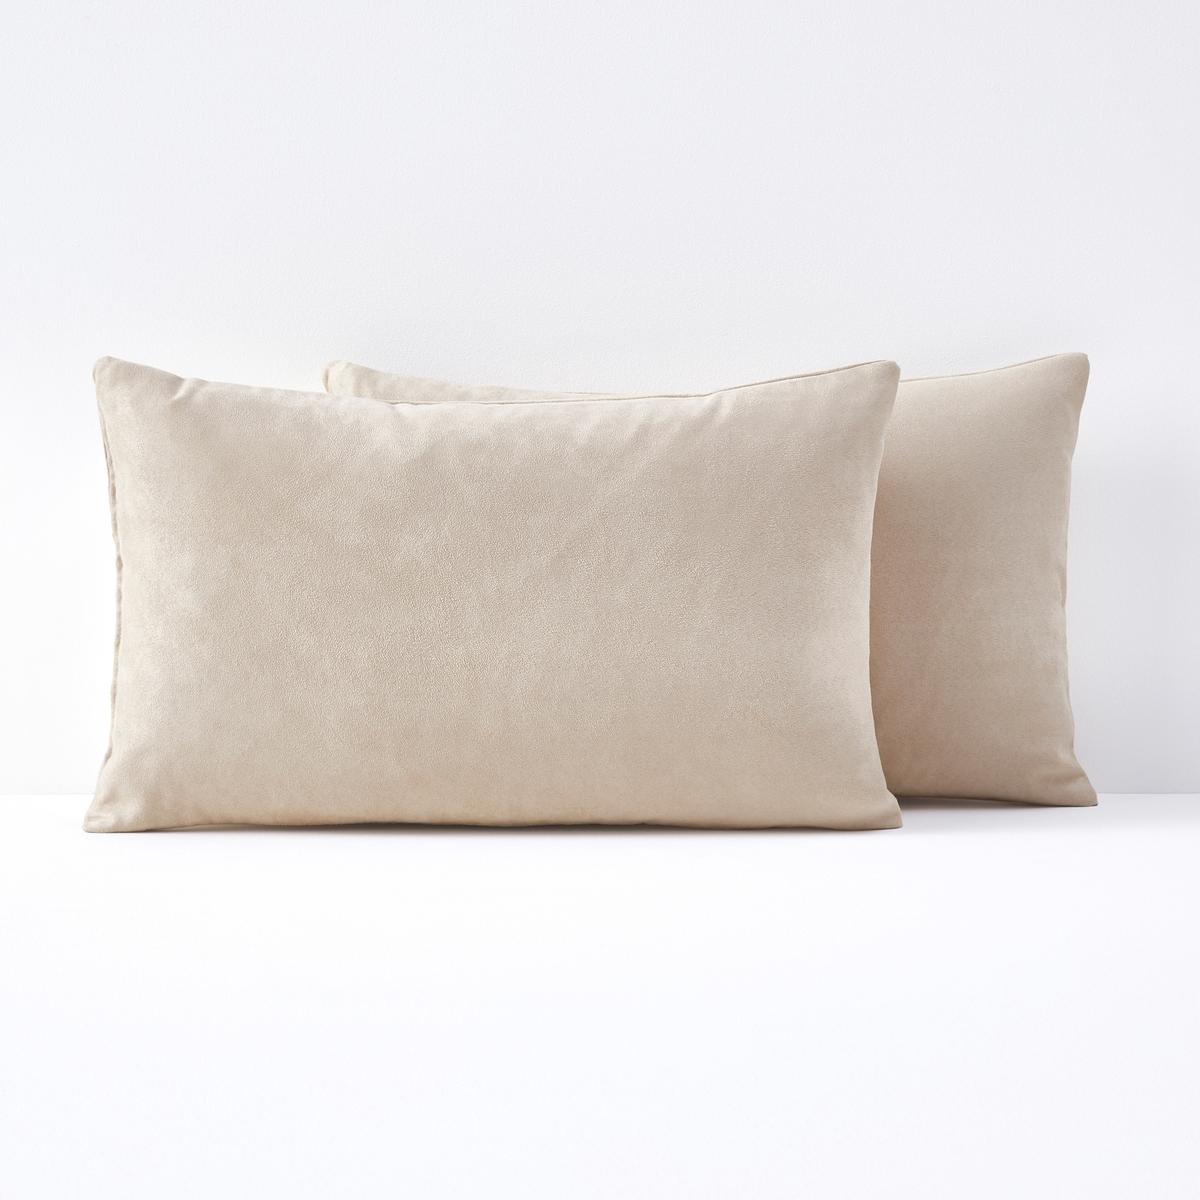 Комплект из 2 чехлов на подушку-валик из искусственной замши KALA цены онлайн